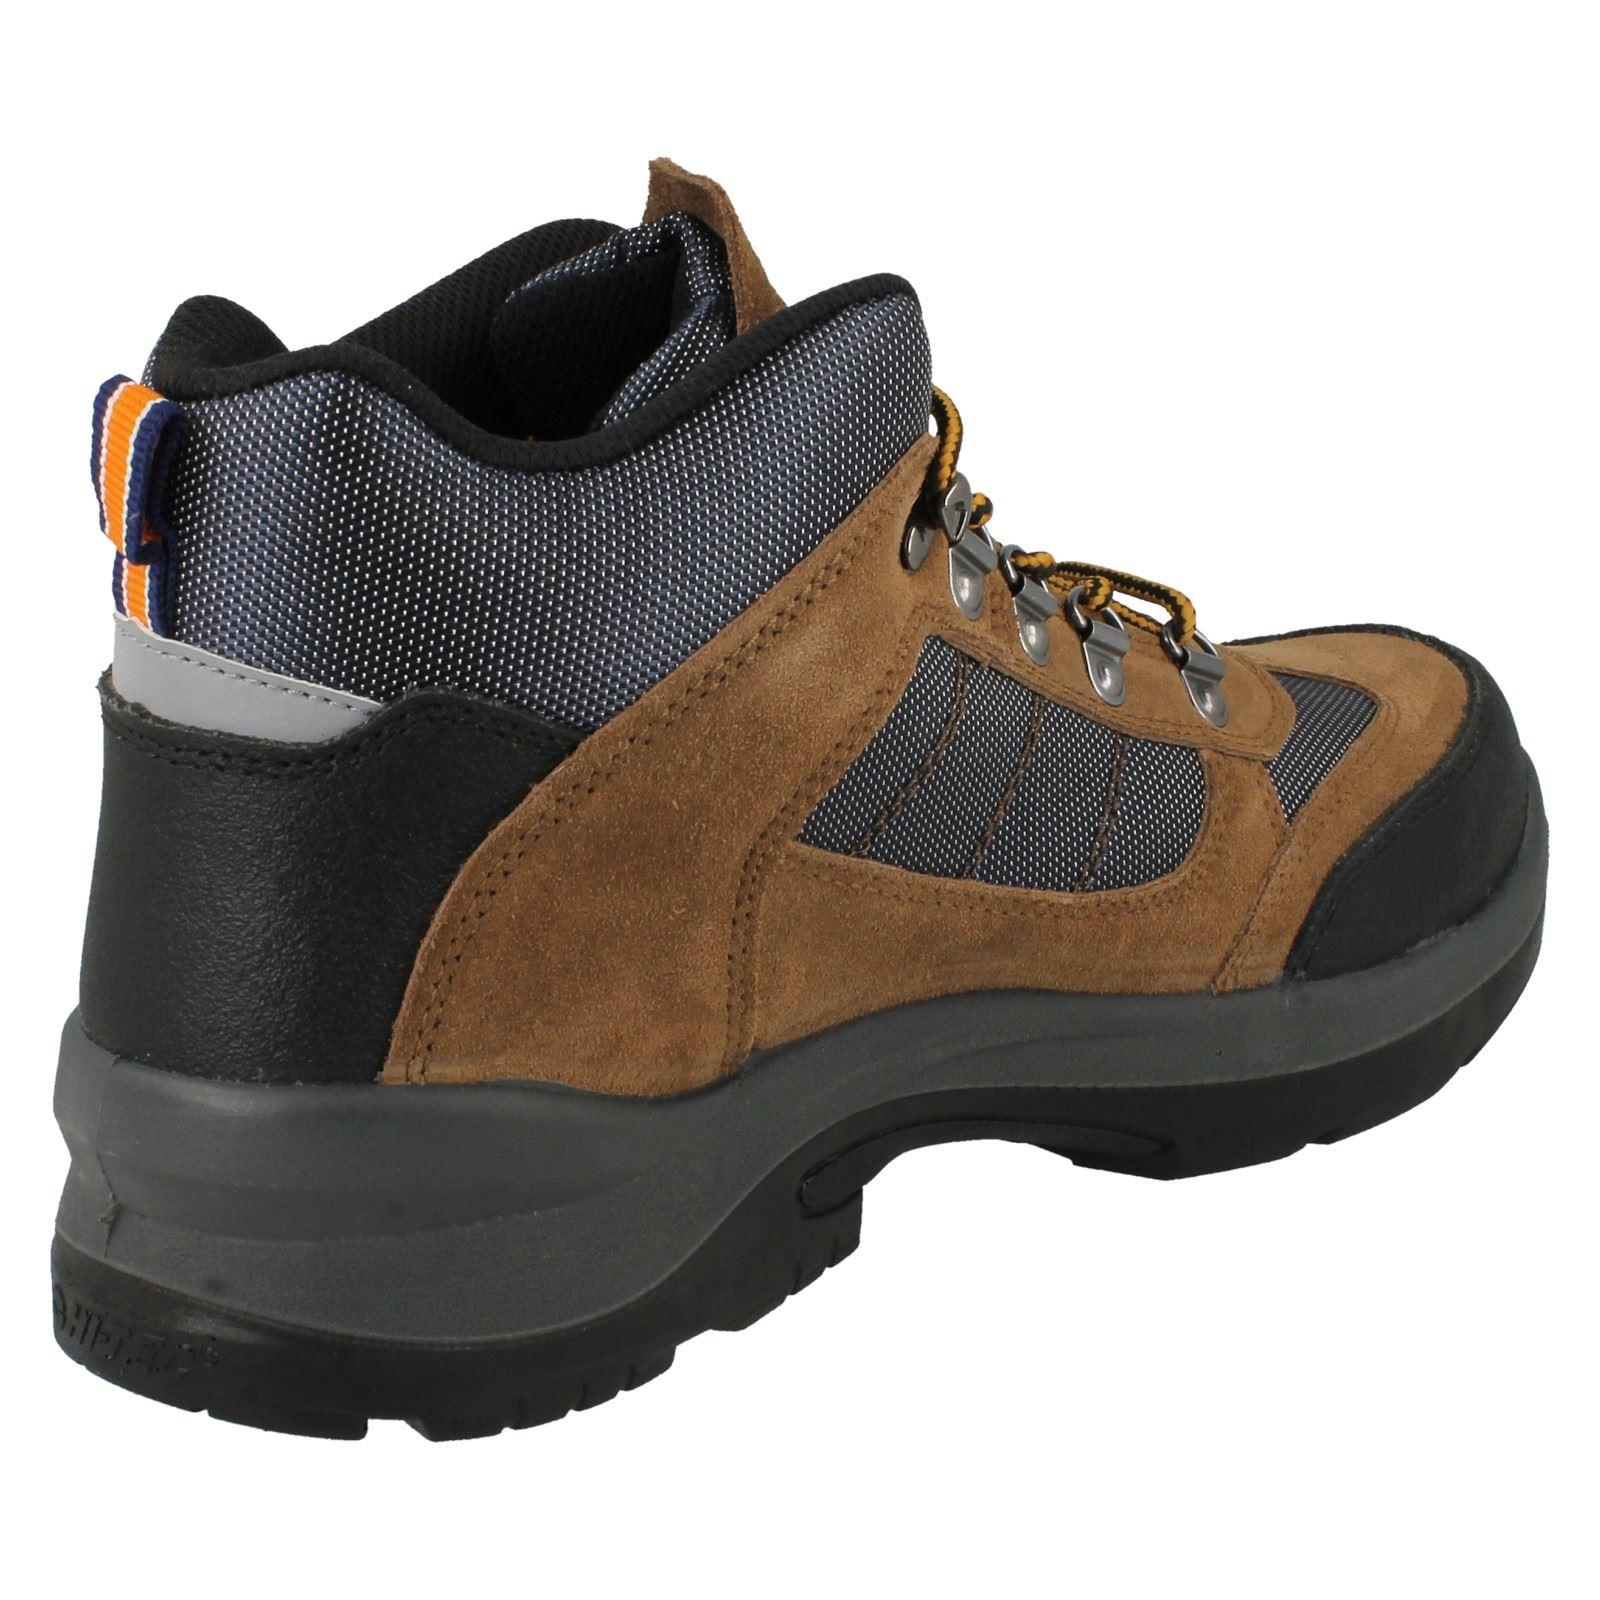 New HI-TEC Size UK 7 Men/'s Hiking // Walking Boots QUADRA MID WP EU 41